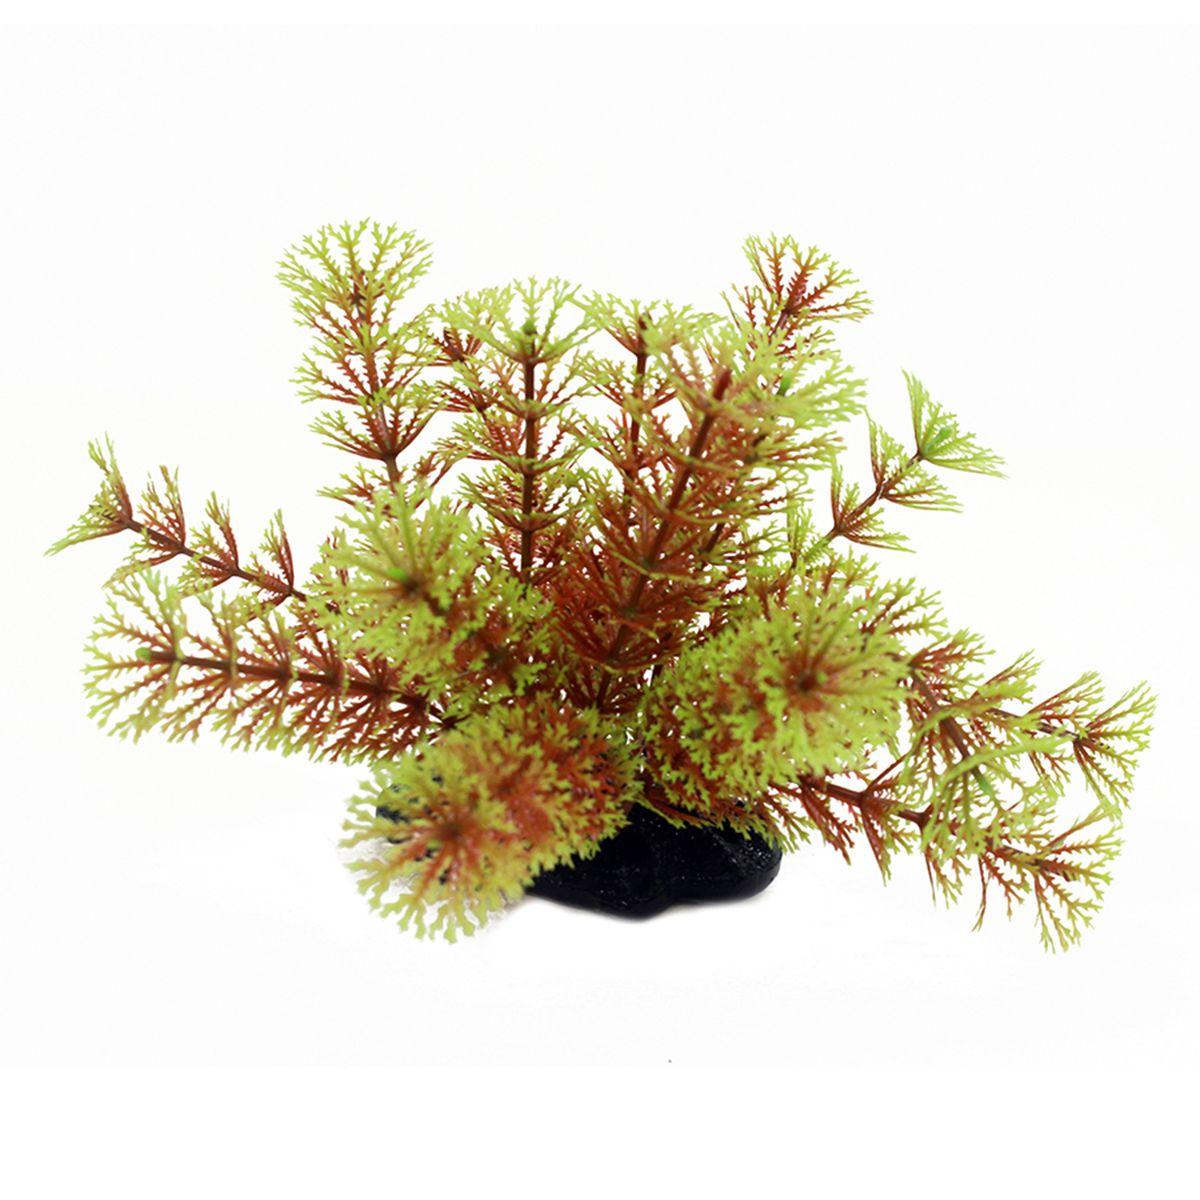 Растение для аквариума ArtUniq Кабомба красно-зеленая, высота 10-12 см0120710Композиция из искусственных растений ArtUniq превосходно украсит и оживит аквариум.Растения - это важная часть любой композиции, они помогут вдохнуть жизнь в ландшафт любого аквариума или террариума. А их сходствос природными порадует даже самых взыскательных ценителей.